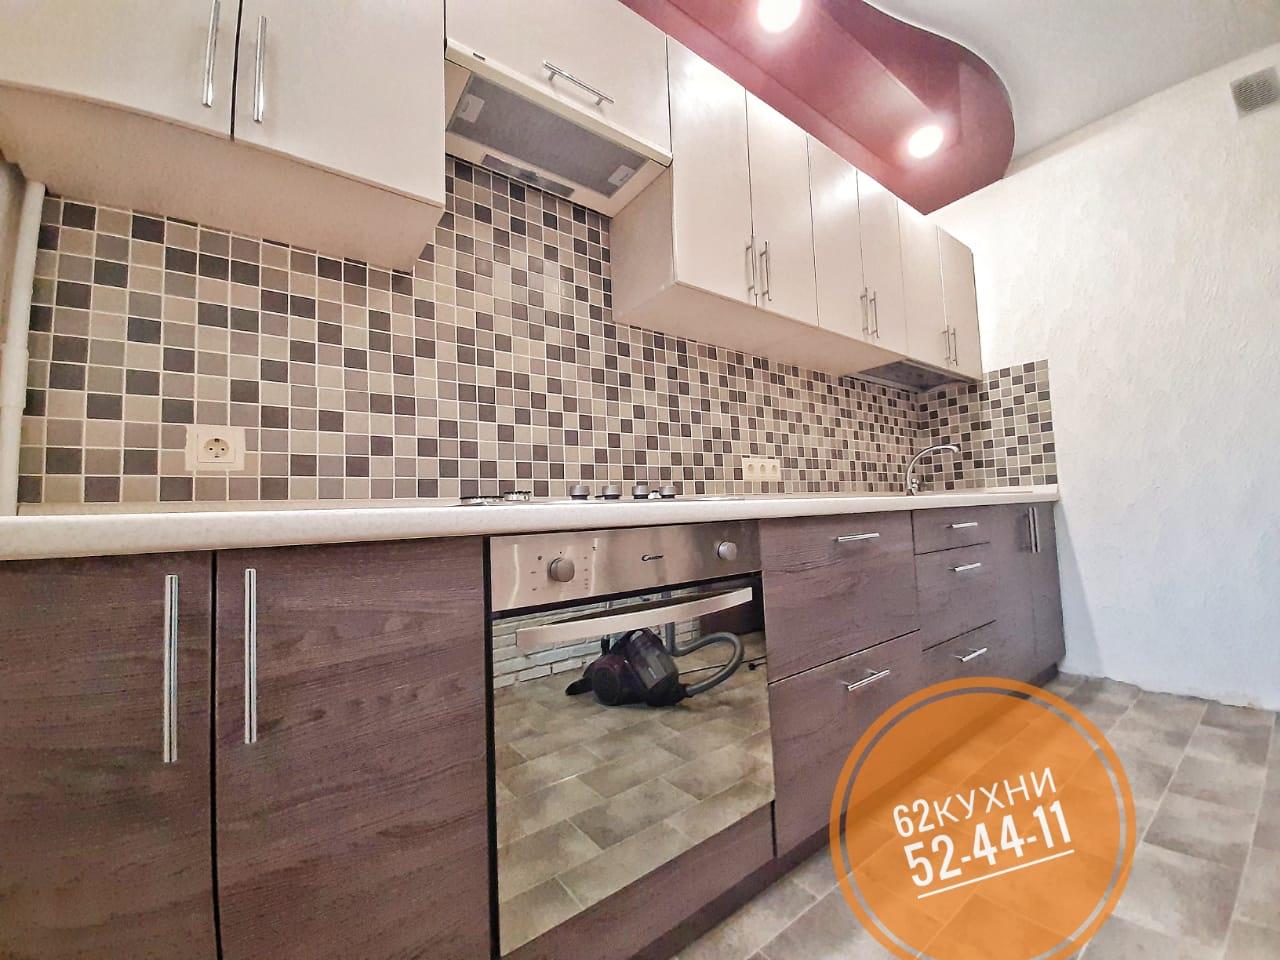 Большая и стильная прямая кухня от компании 62 кухни